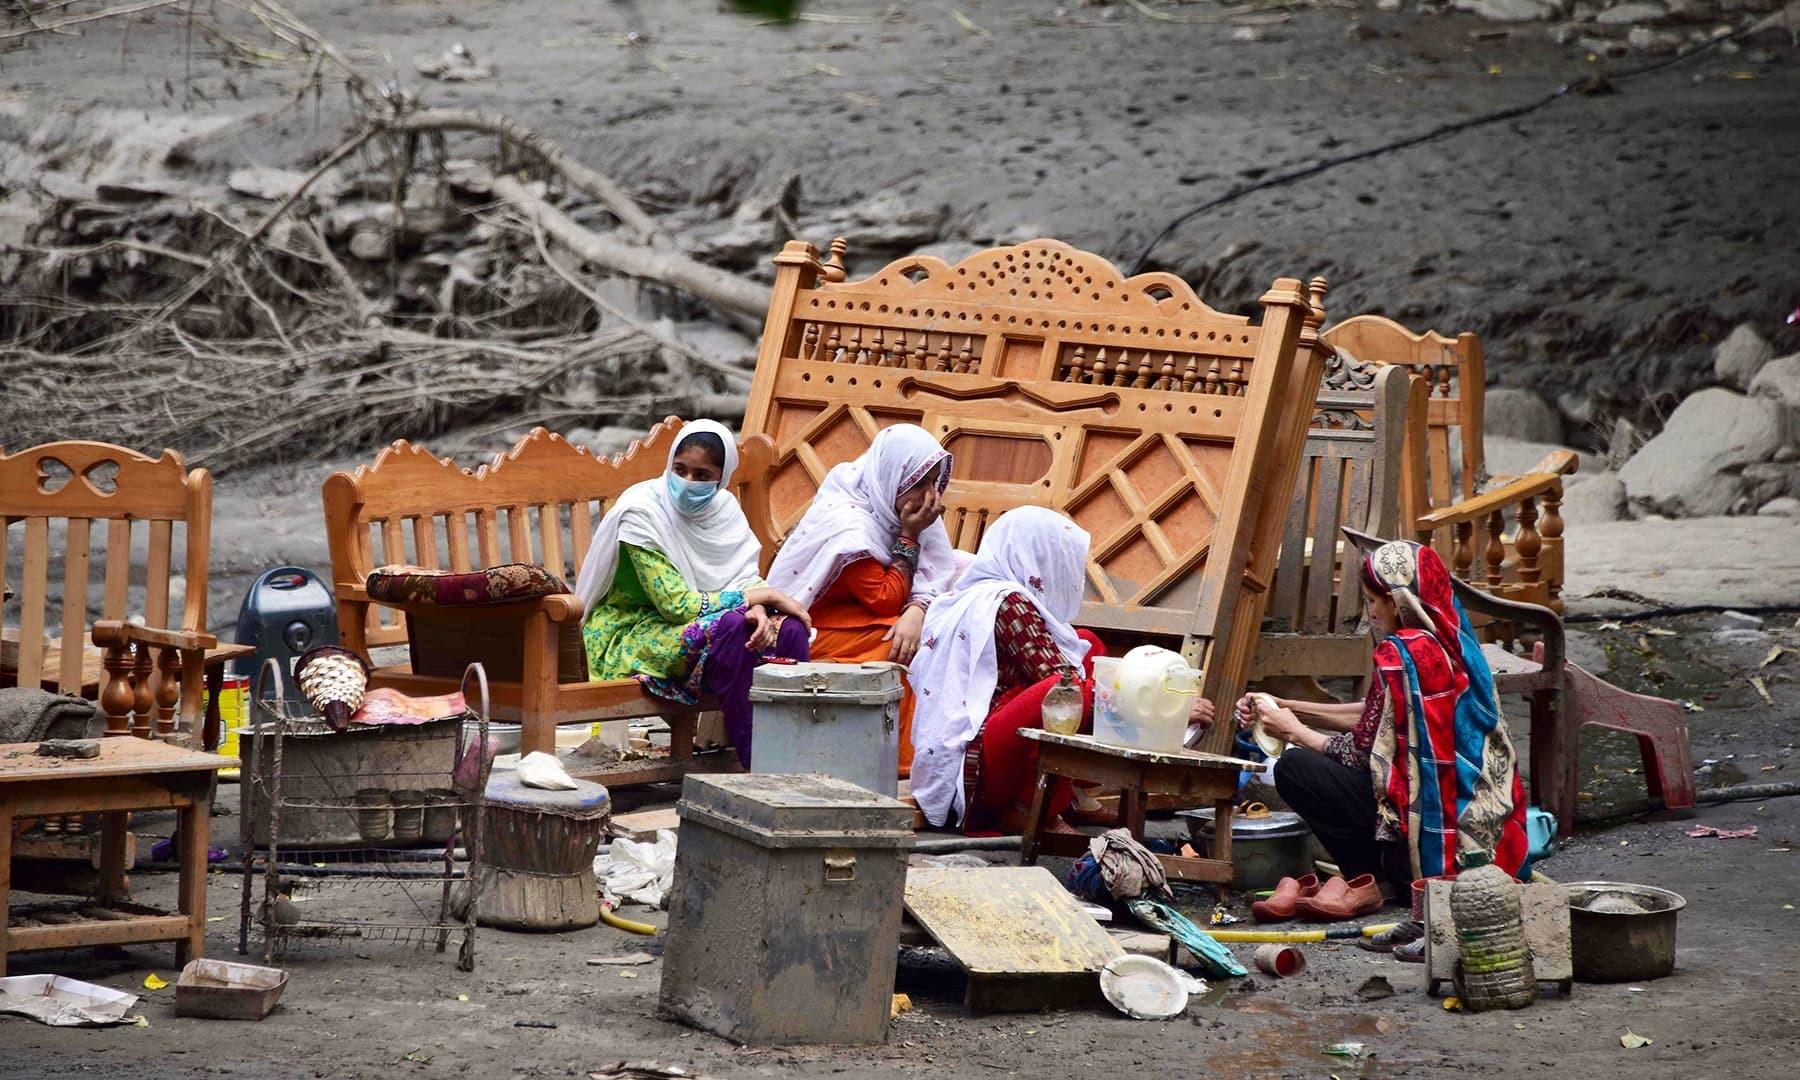 آزاد کشمیر میں نیلم کے قریب بارش کے بعد آنے والے سیلاب کے بعد گھر تباہ ہونے کے نتیجے میں ایک خاندان بے یارومددگار سڑک پر بیٹھا ہوا ہے— فوٹو: رائٹرز